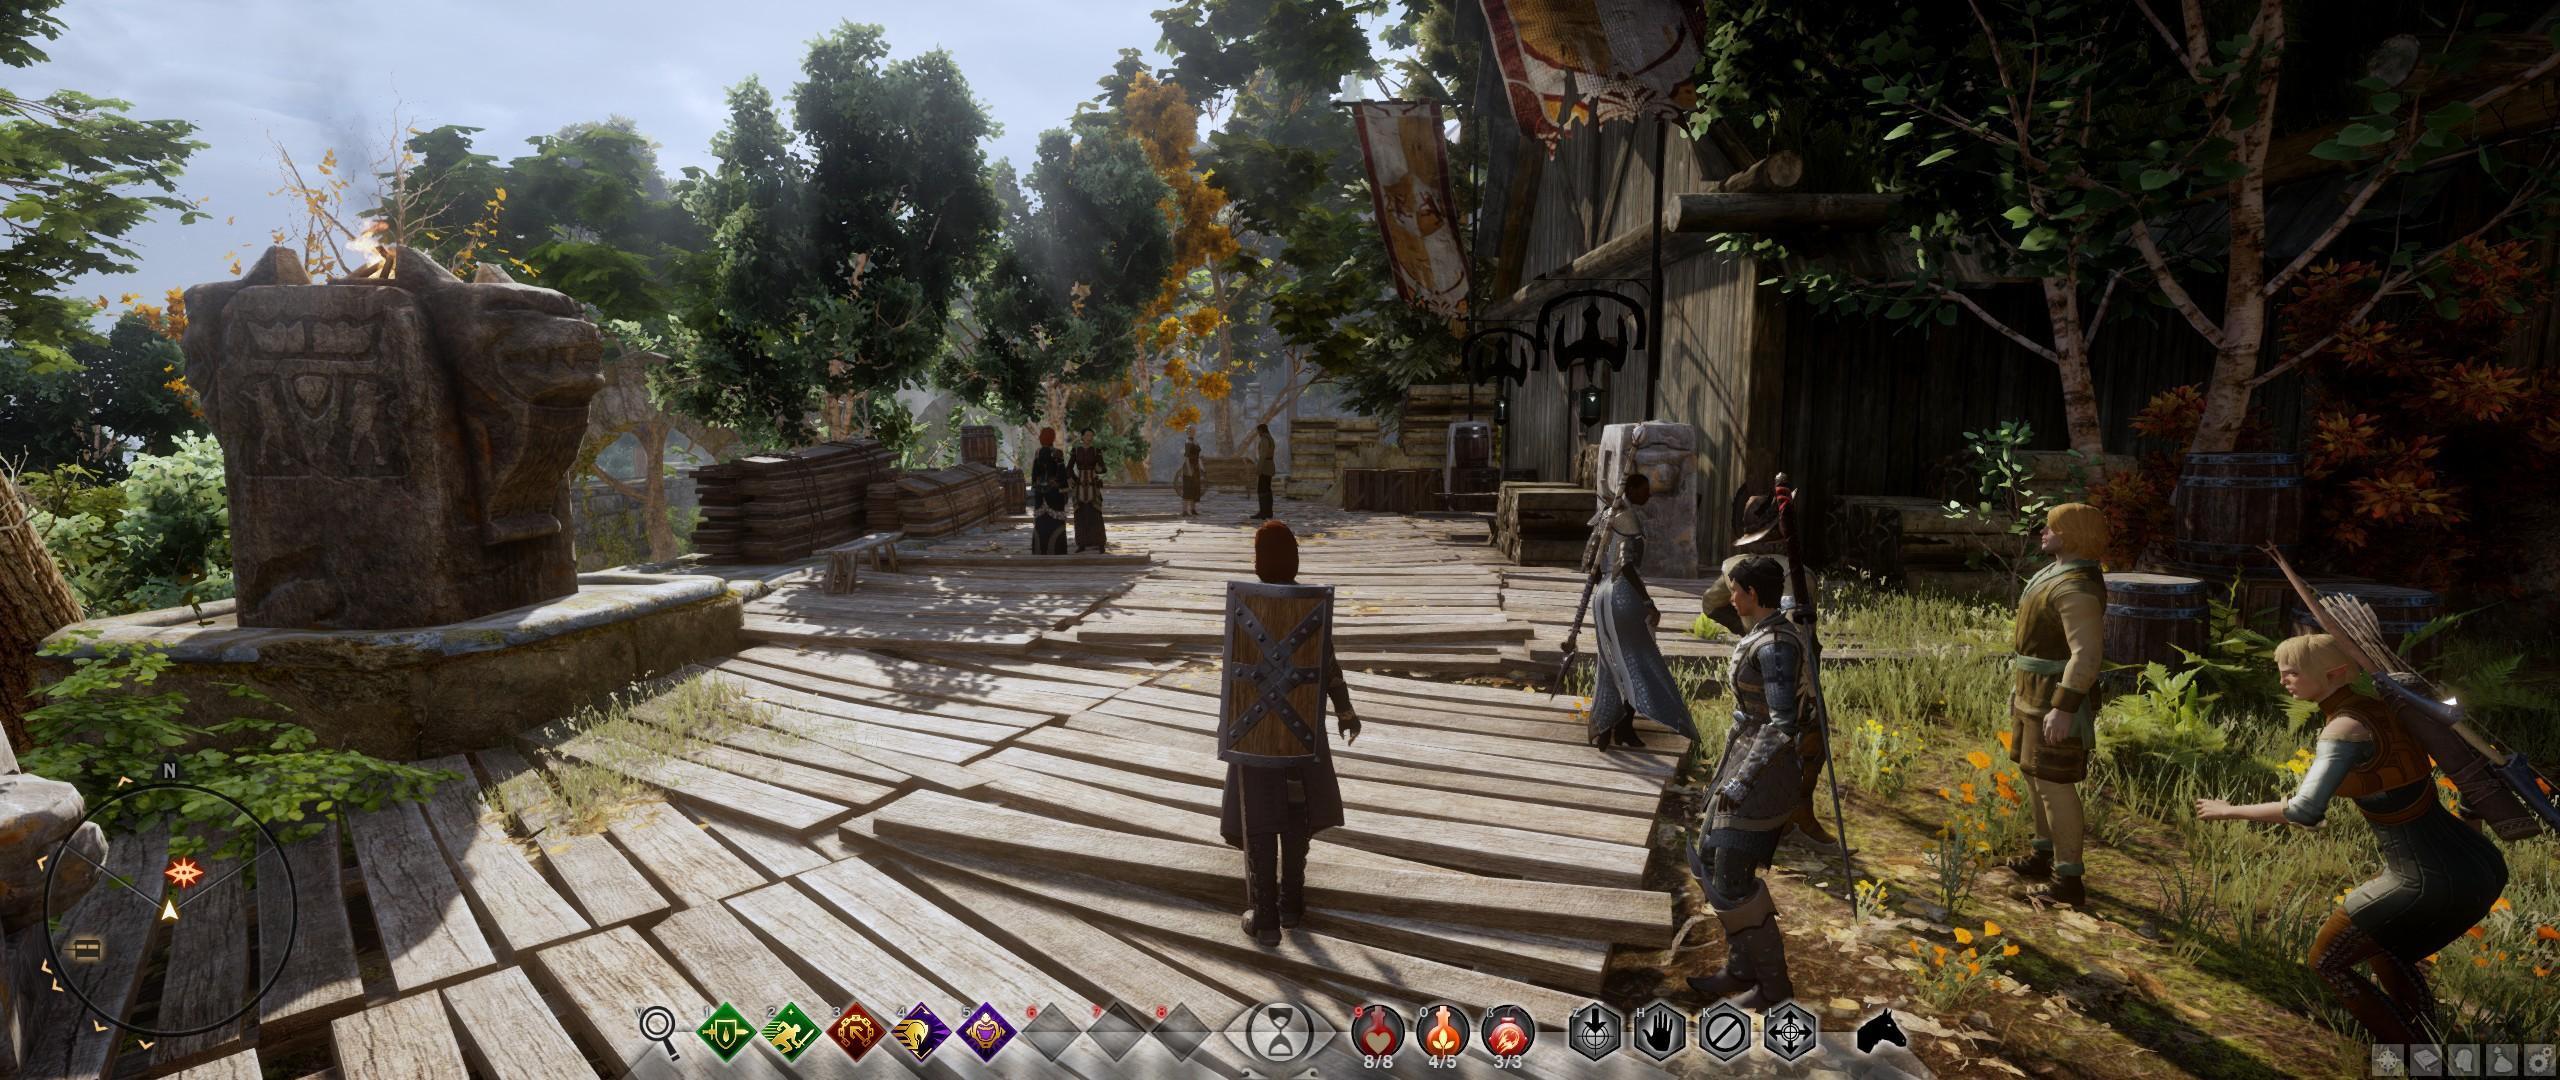 ScreenshotWin32_0023_Final